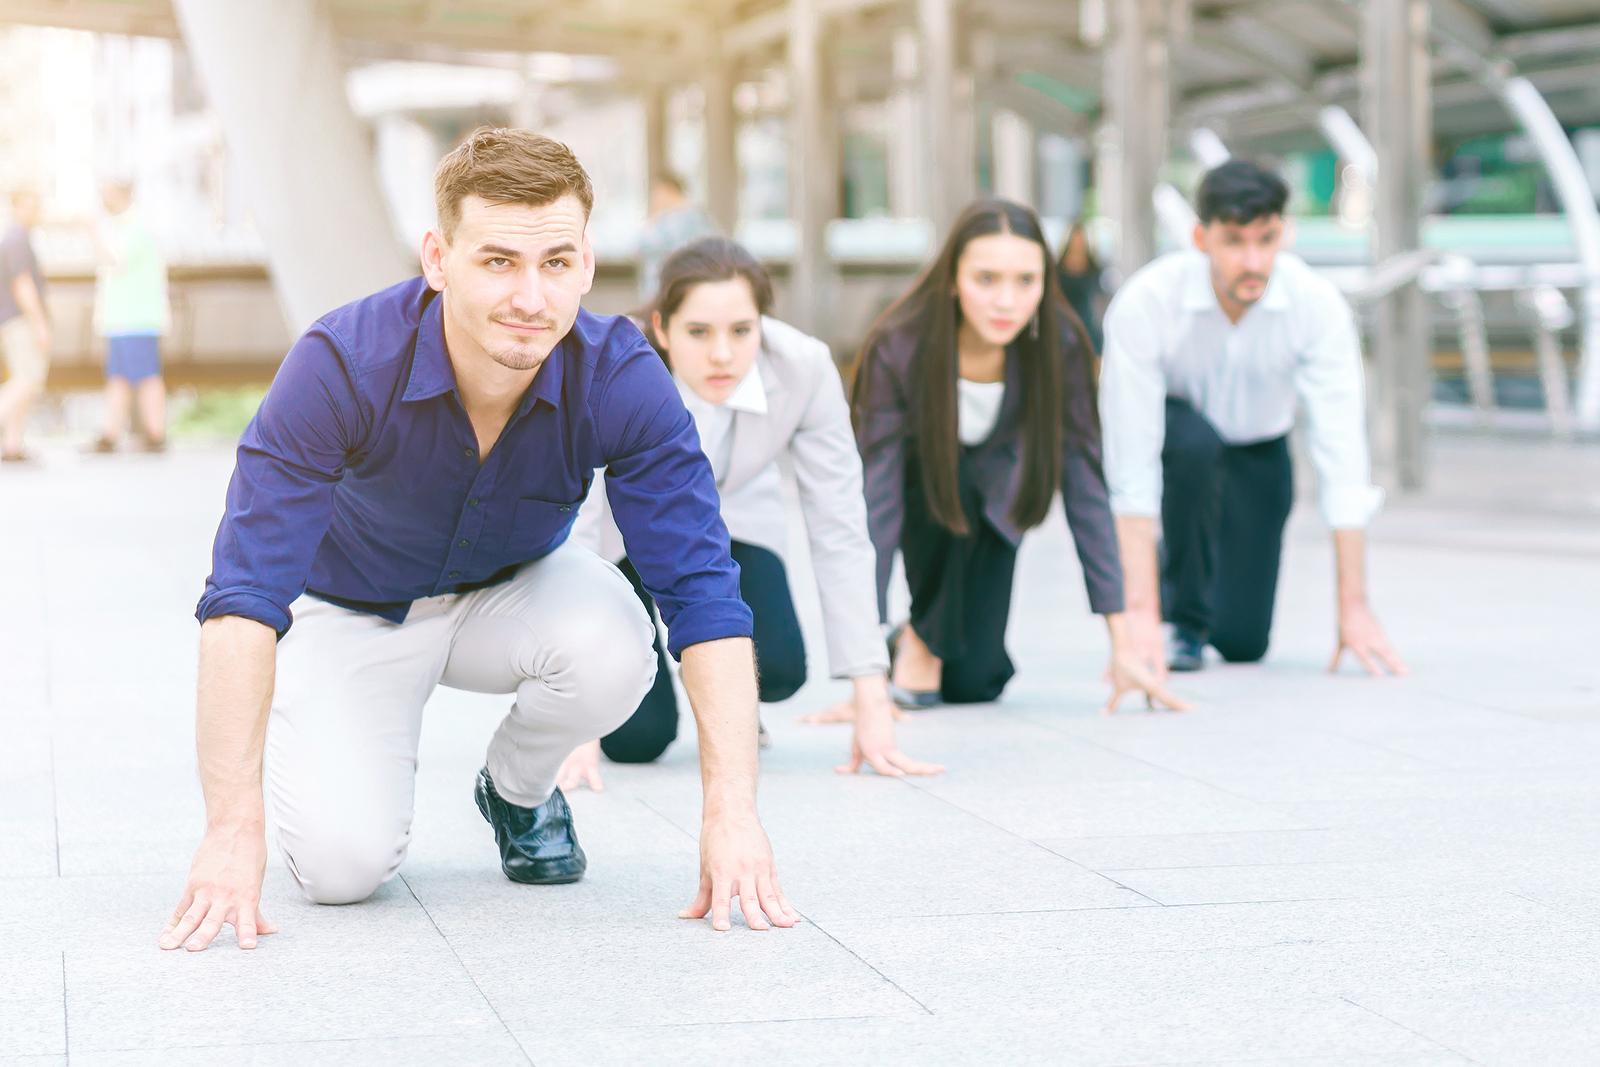 La competitividad desde un ambiente laboral sano